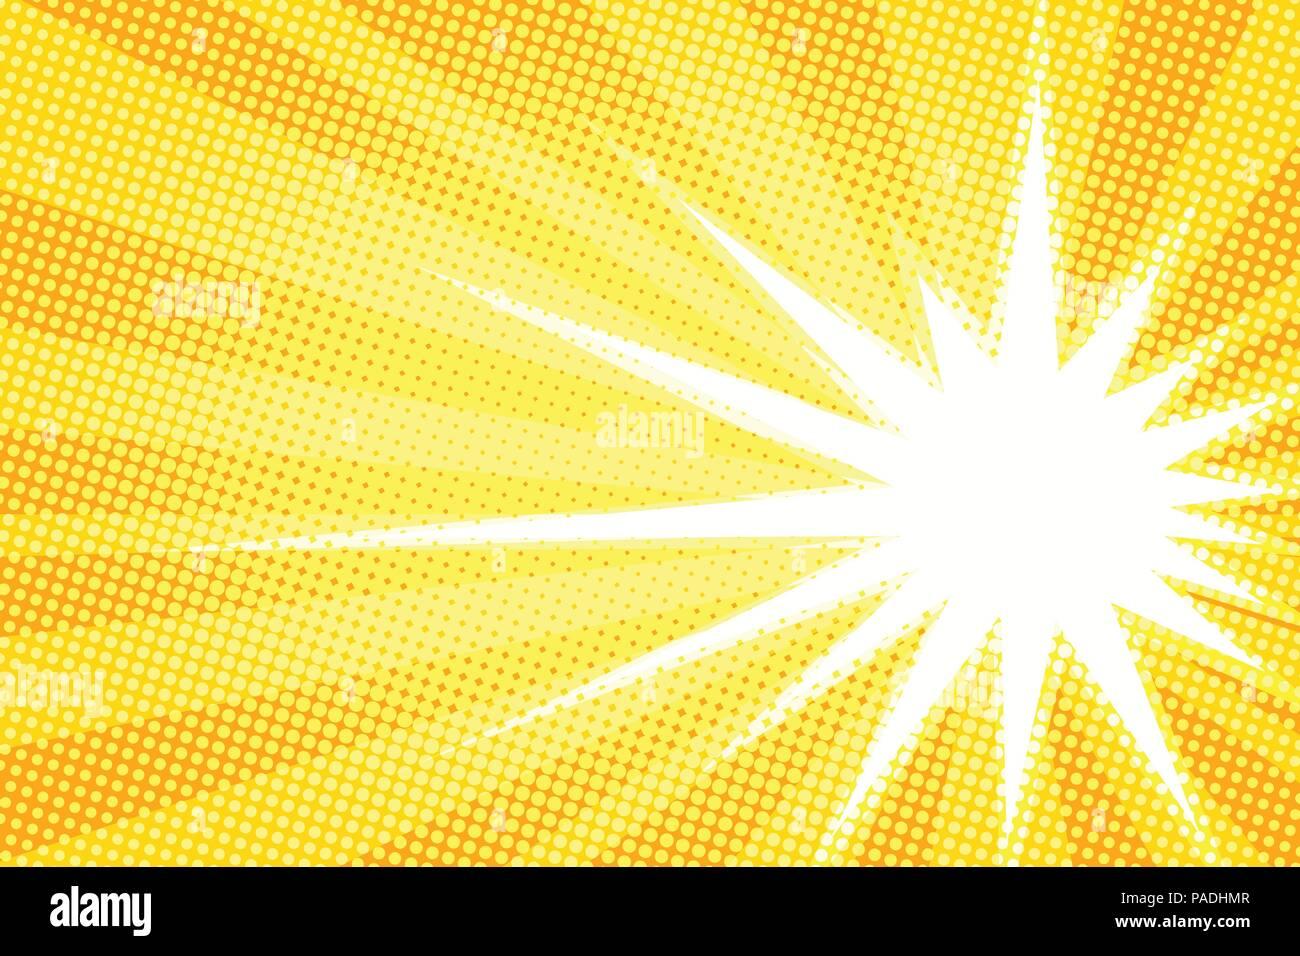 Weiße Sonne Gelb Pop Art Hintergrund Vektor Abbildung Bild